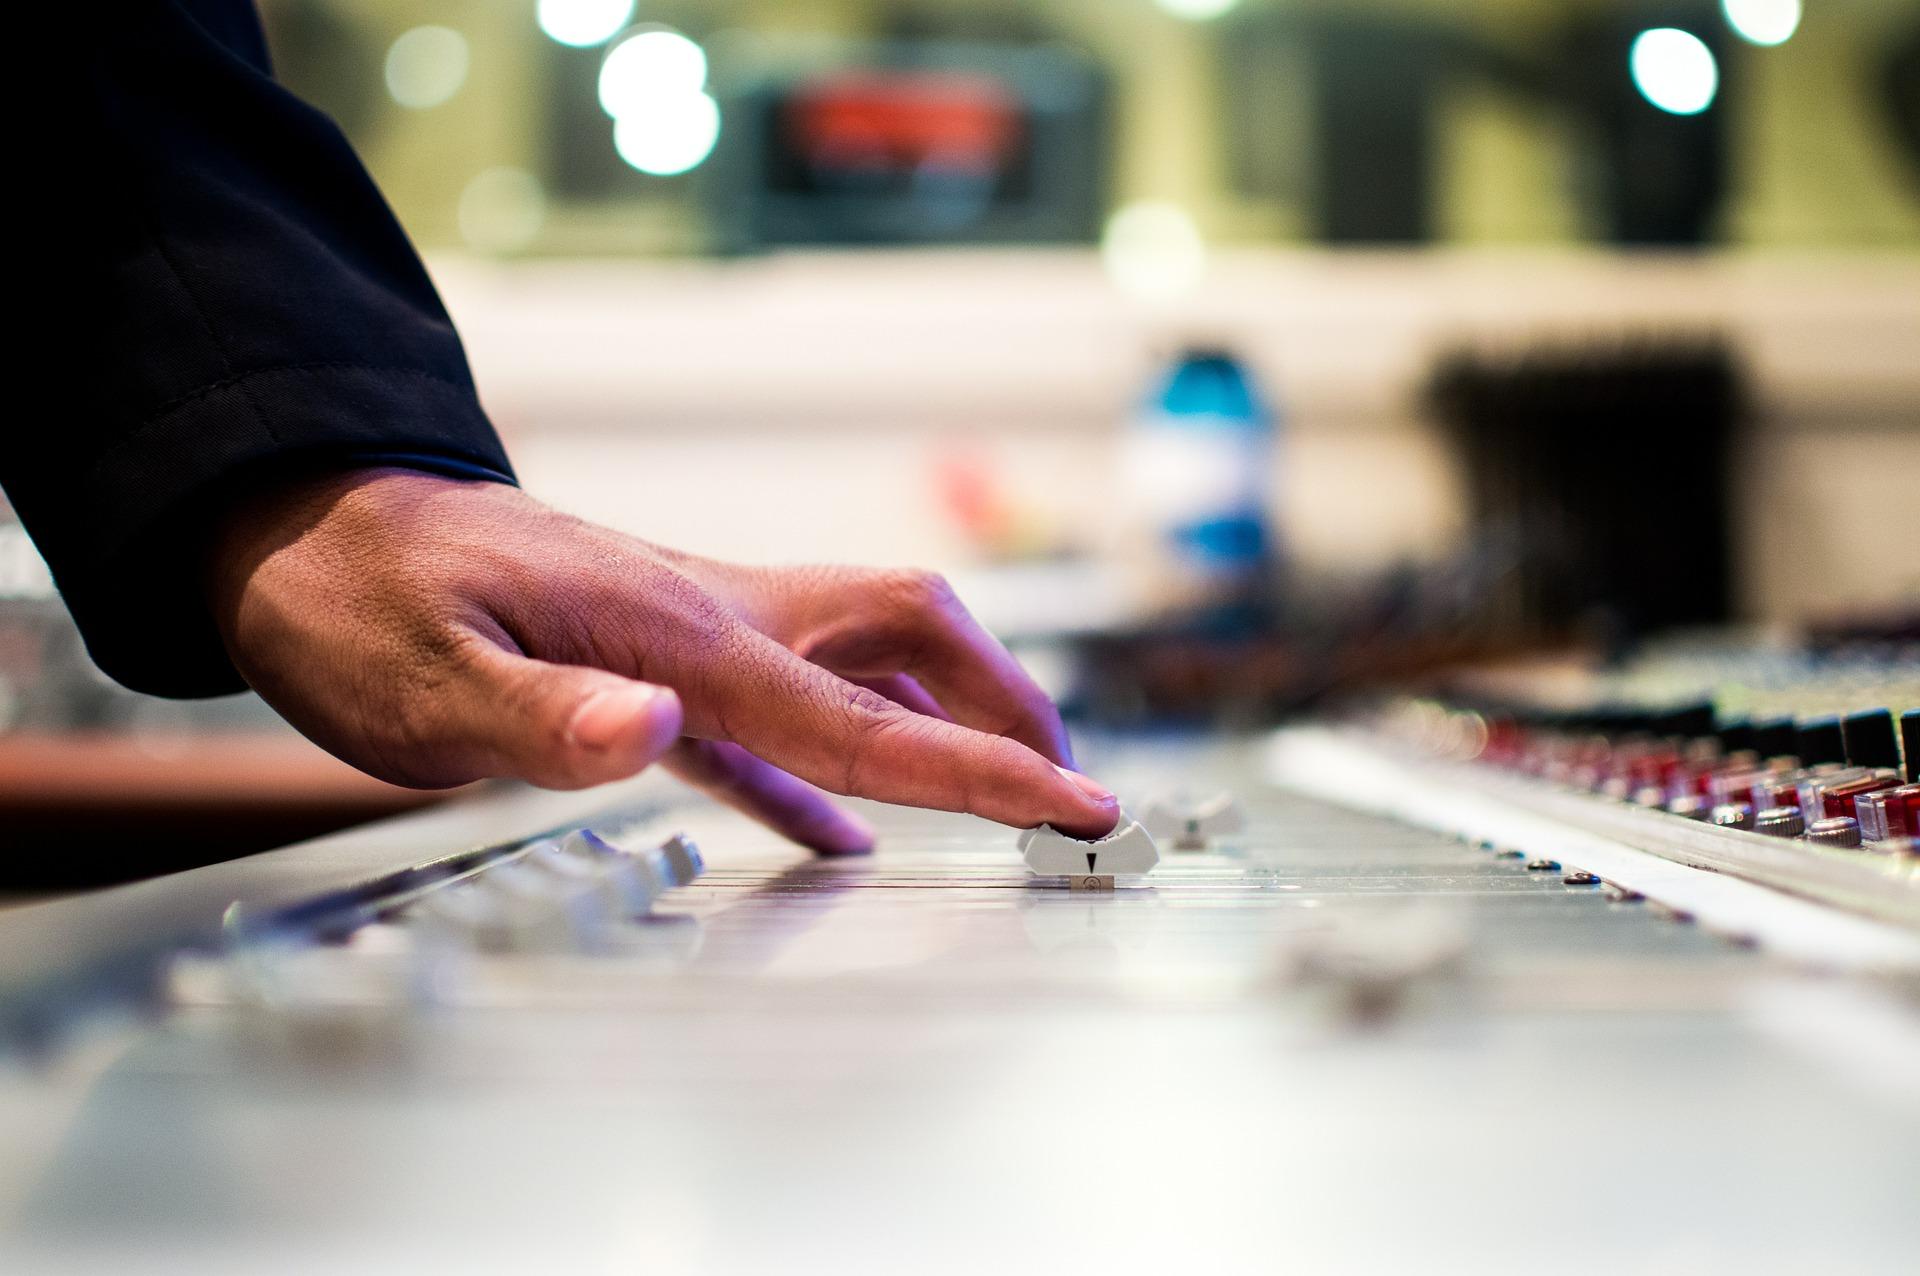 Раздражает меняющаяся громкость звука? Wale для Windows исправляет это